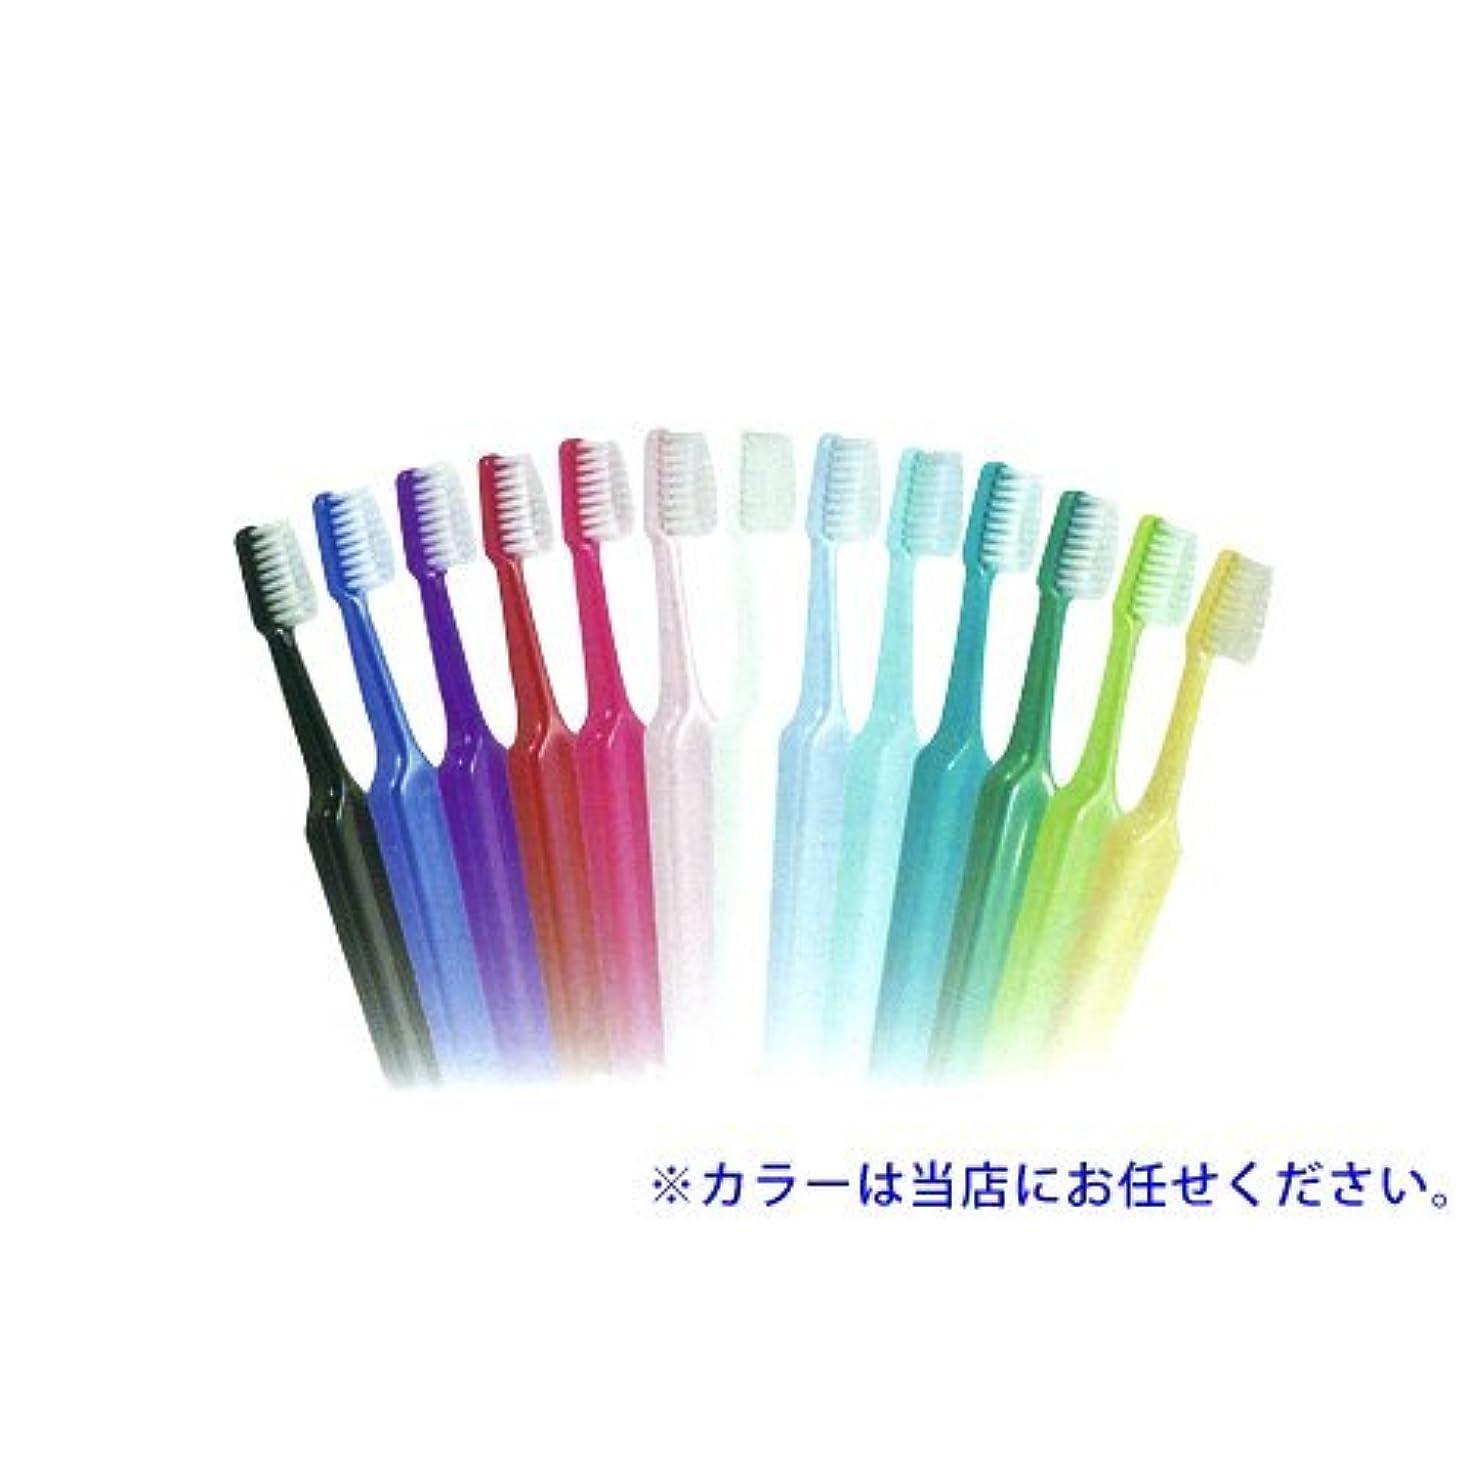 召喚する地球バンドルクロスフィールド TePe テペ セレクト 歯ブラシ 1本 ソフト